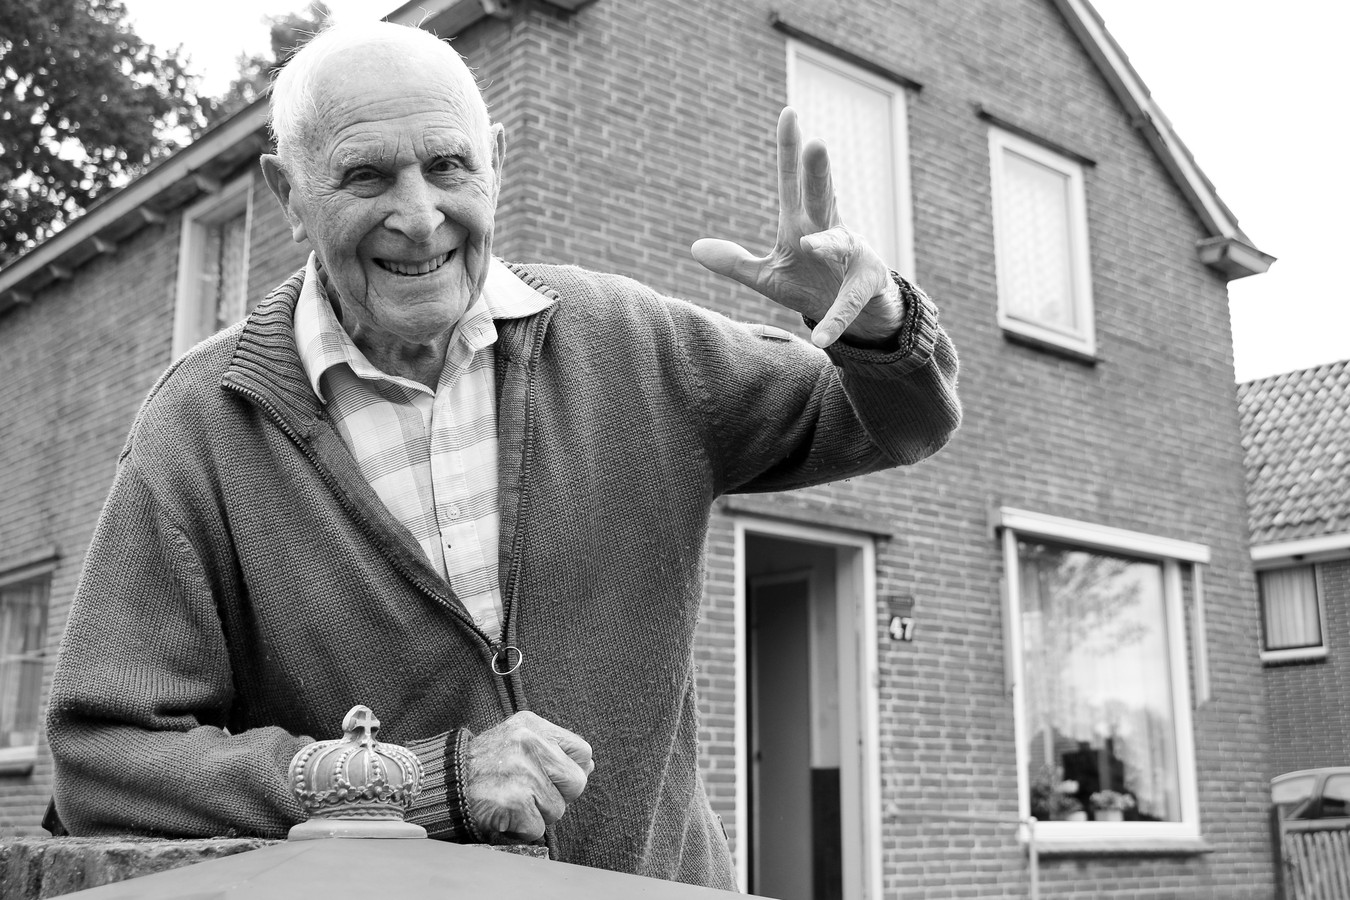 Eelke Bakker uit Dokkum, was de oudste man van Nederland. Hij overleed begin mei op 109-jarige leeftijd.